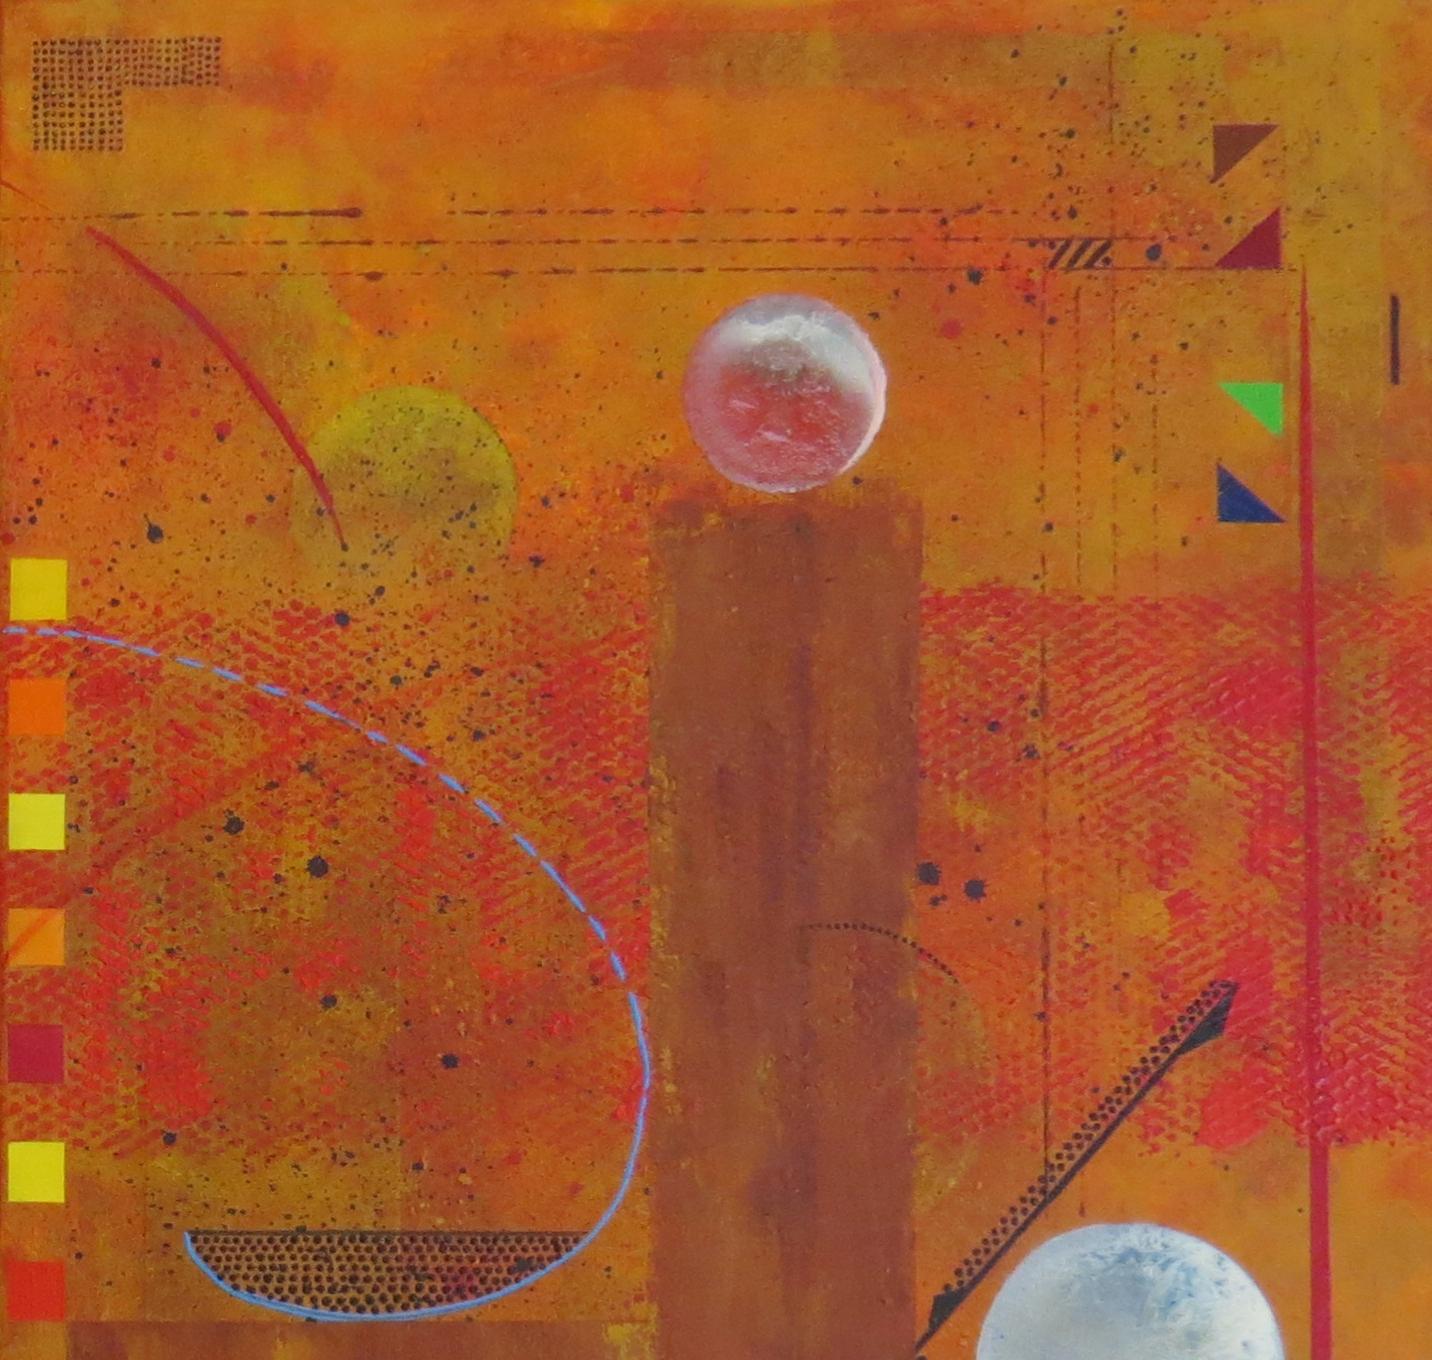 thêta - zoom2 - DALUZ GALEGO - peinture abstraite